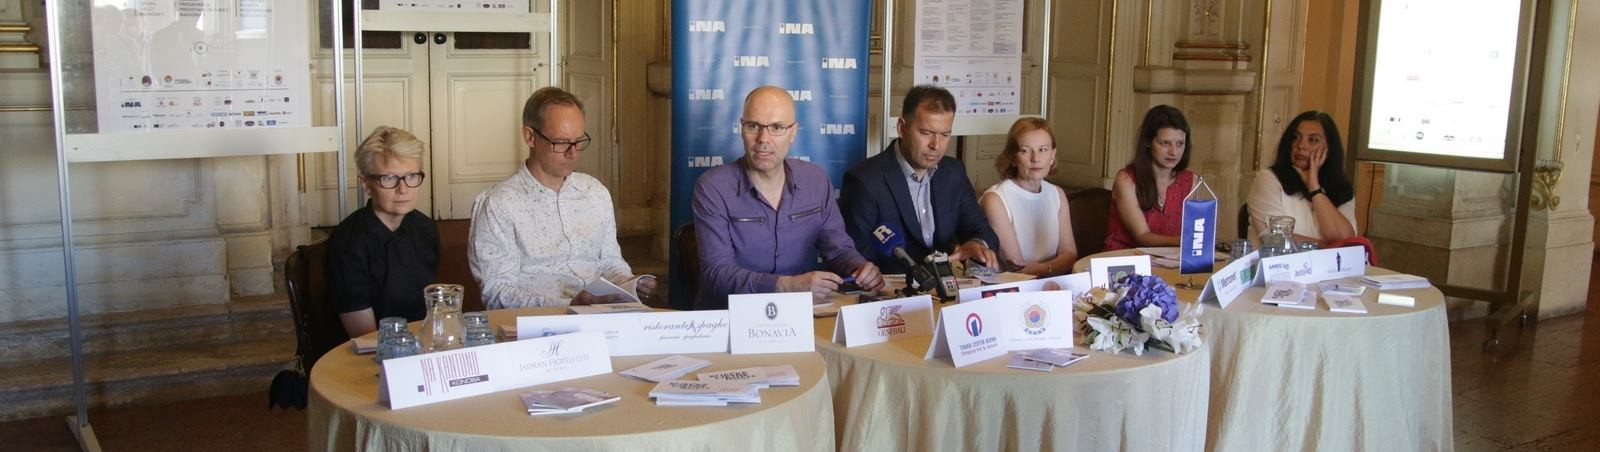 'VAŠE KAZALIŠTE VAMA' Otvorenju 13. Riječkih ljetnih noći 1. srpnja prethodi Međunarodno natjecanje mladih opernih pjevača